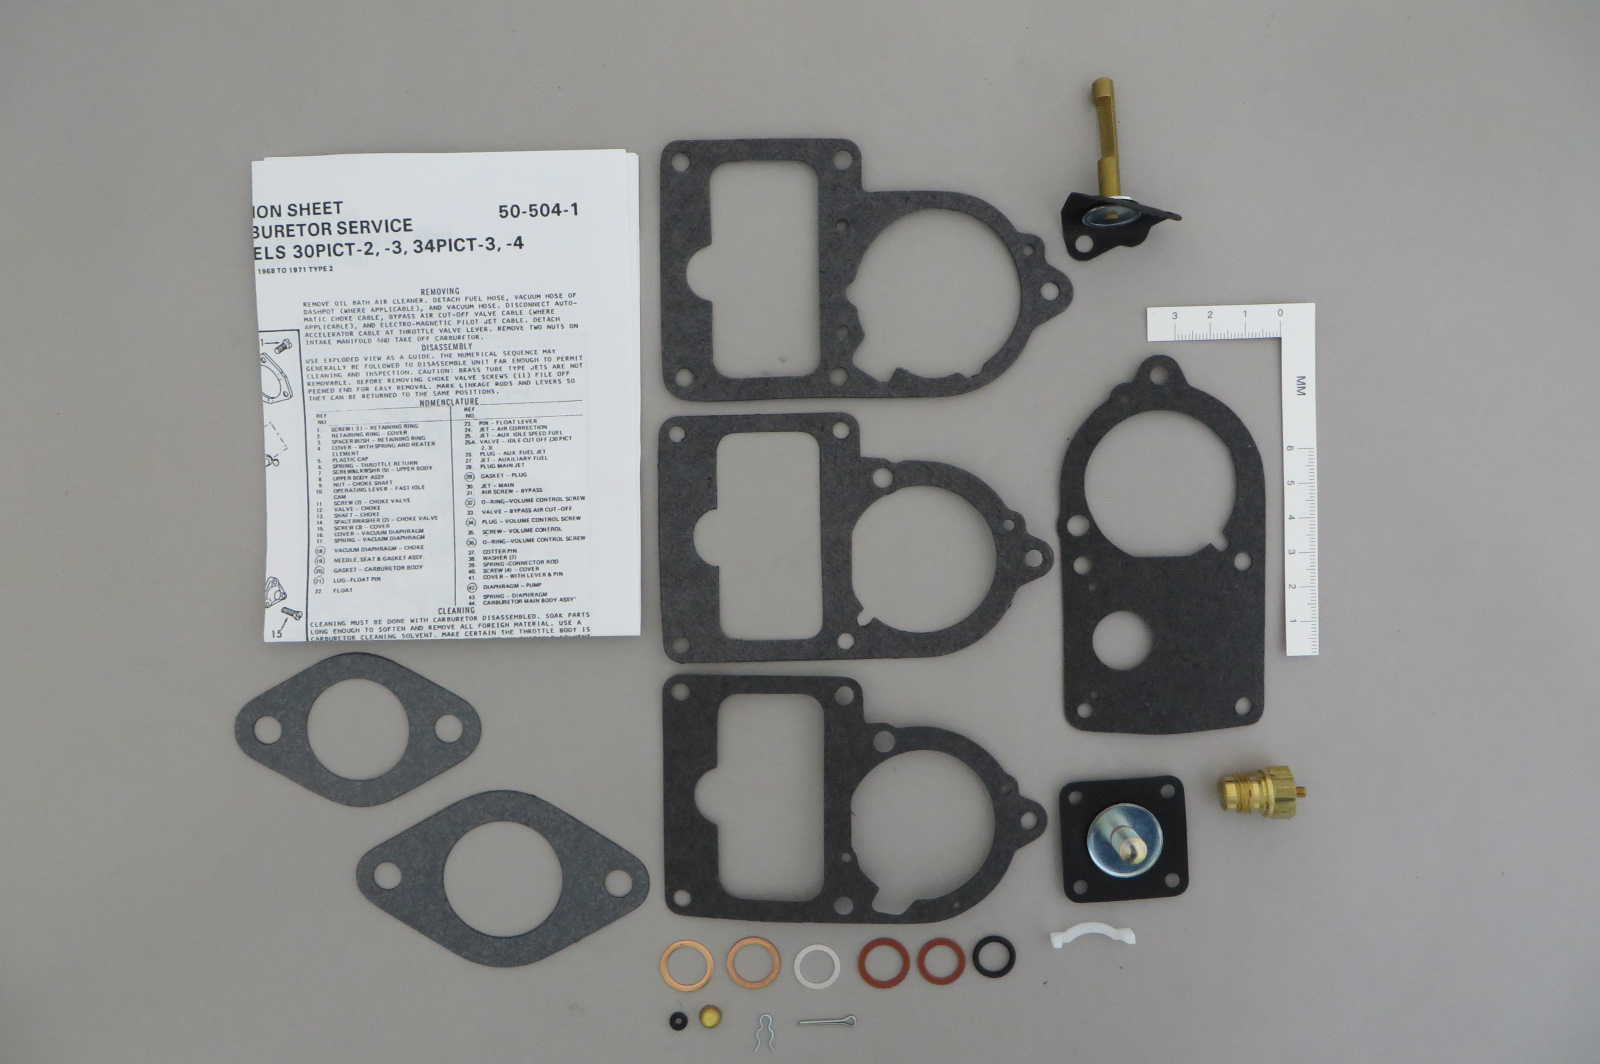 solex 28pict 30pict 34pict 3 carburetor repair kit 1961 71 vw rh carburetor parts com Solex Carburetor Diagram Solex Carburetor Diagram